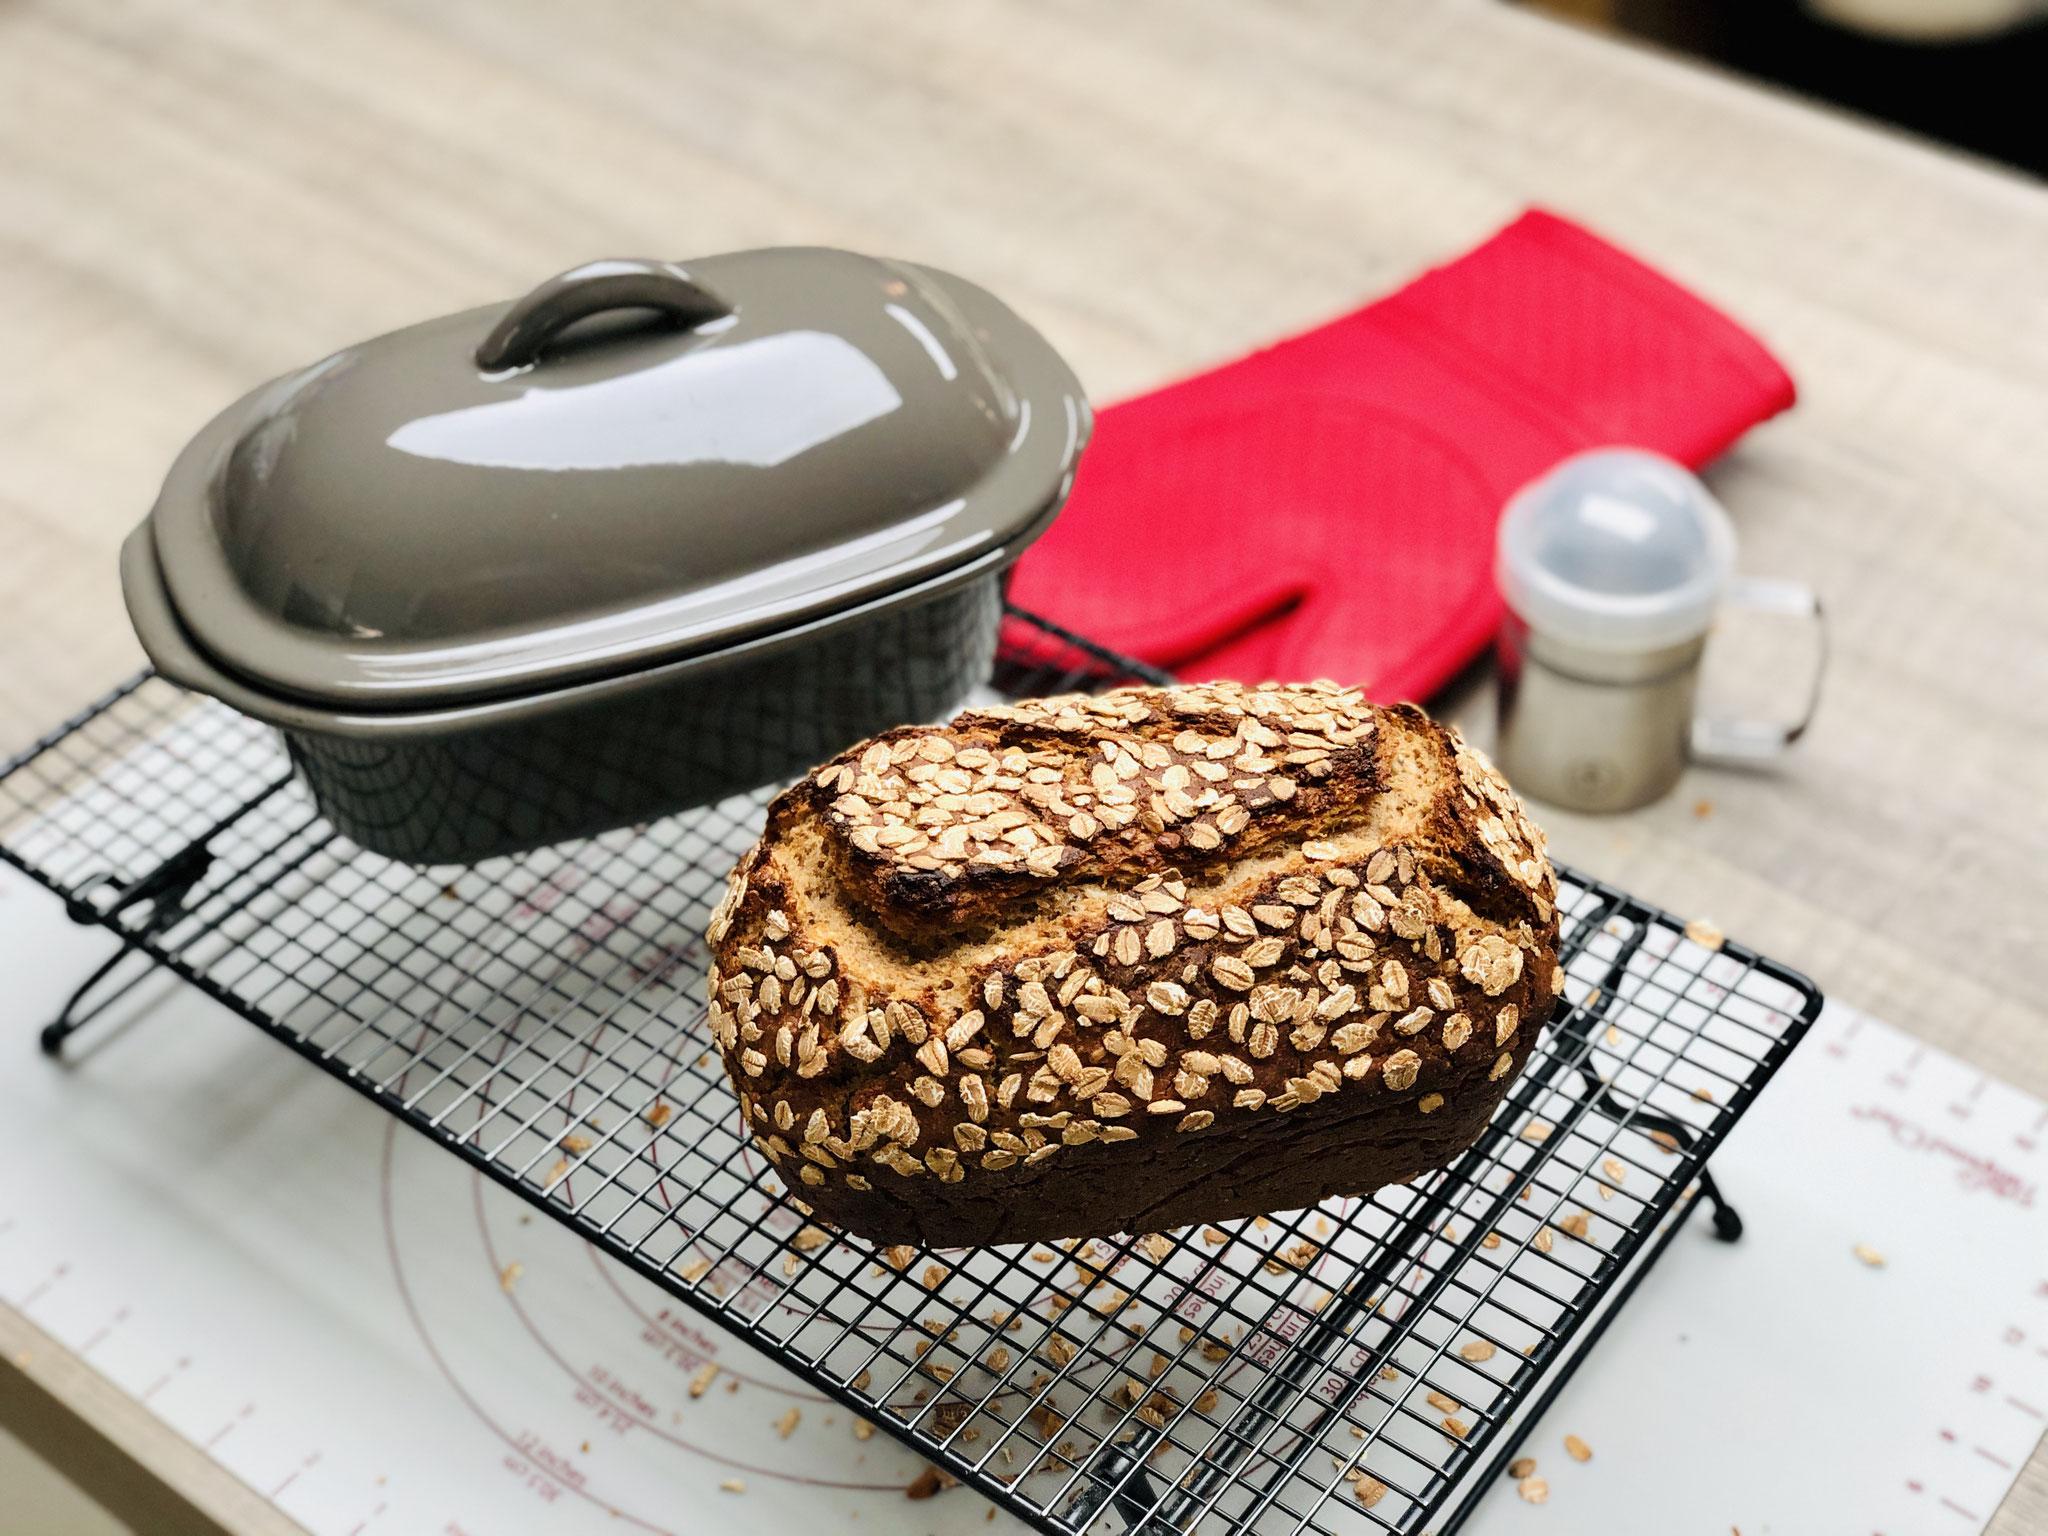 Nach dem Backen das Brot sofort auf das Pampered Chef® Kuchengitter/Auskühlgitter stürzen und gut auskühlen lassen.